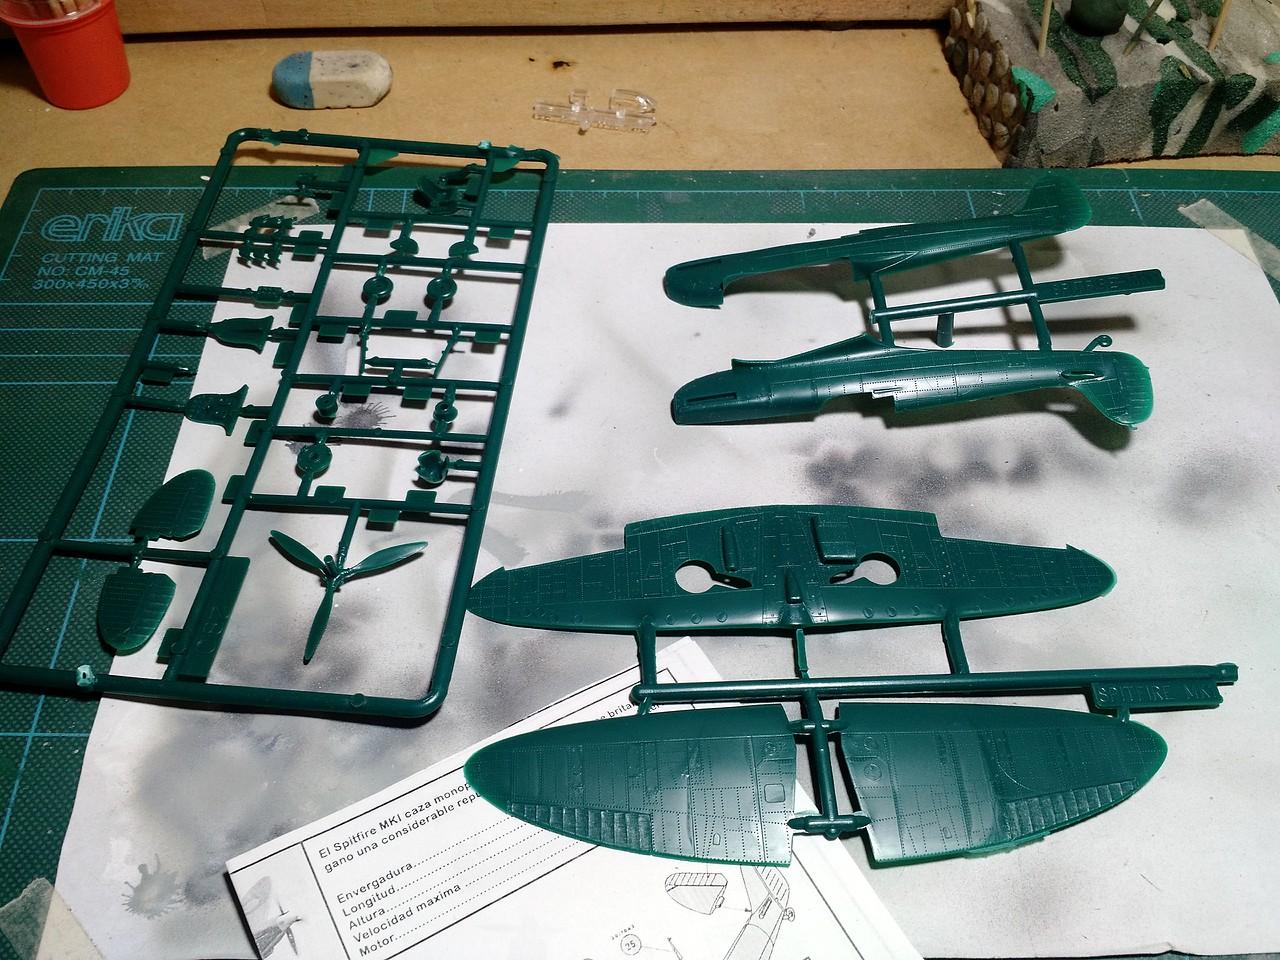 Supermarine Spitfire (modelex) 1/72 (Rusky     - unosetentaydos